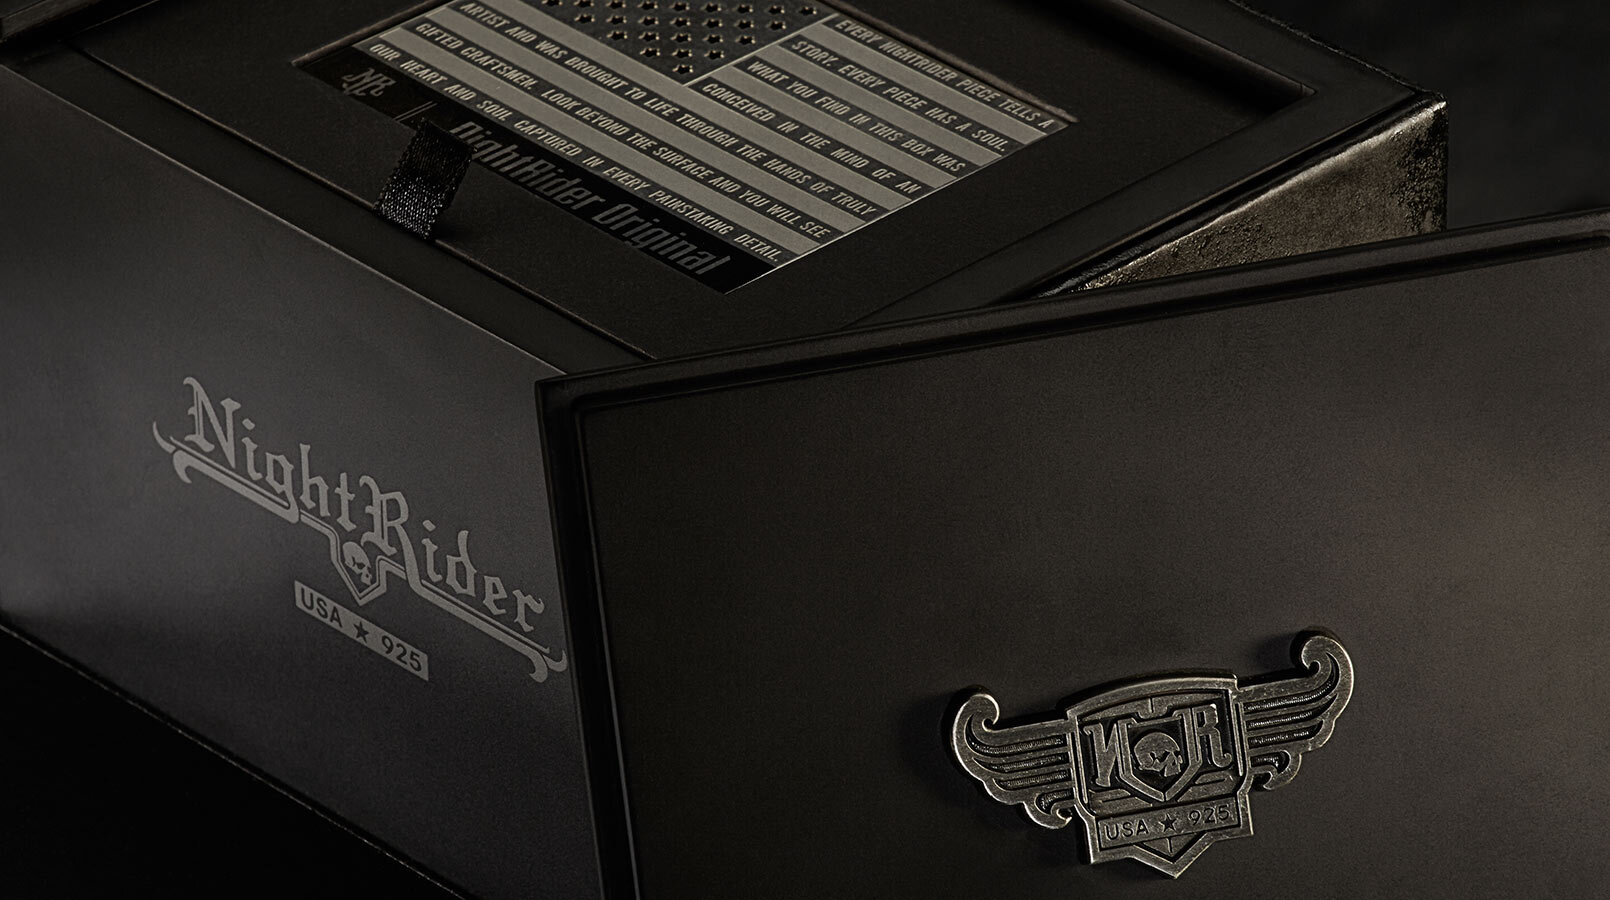 夜间骑士珠宝盒包装公司 - 设计-4.JPG